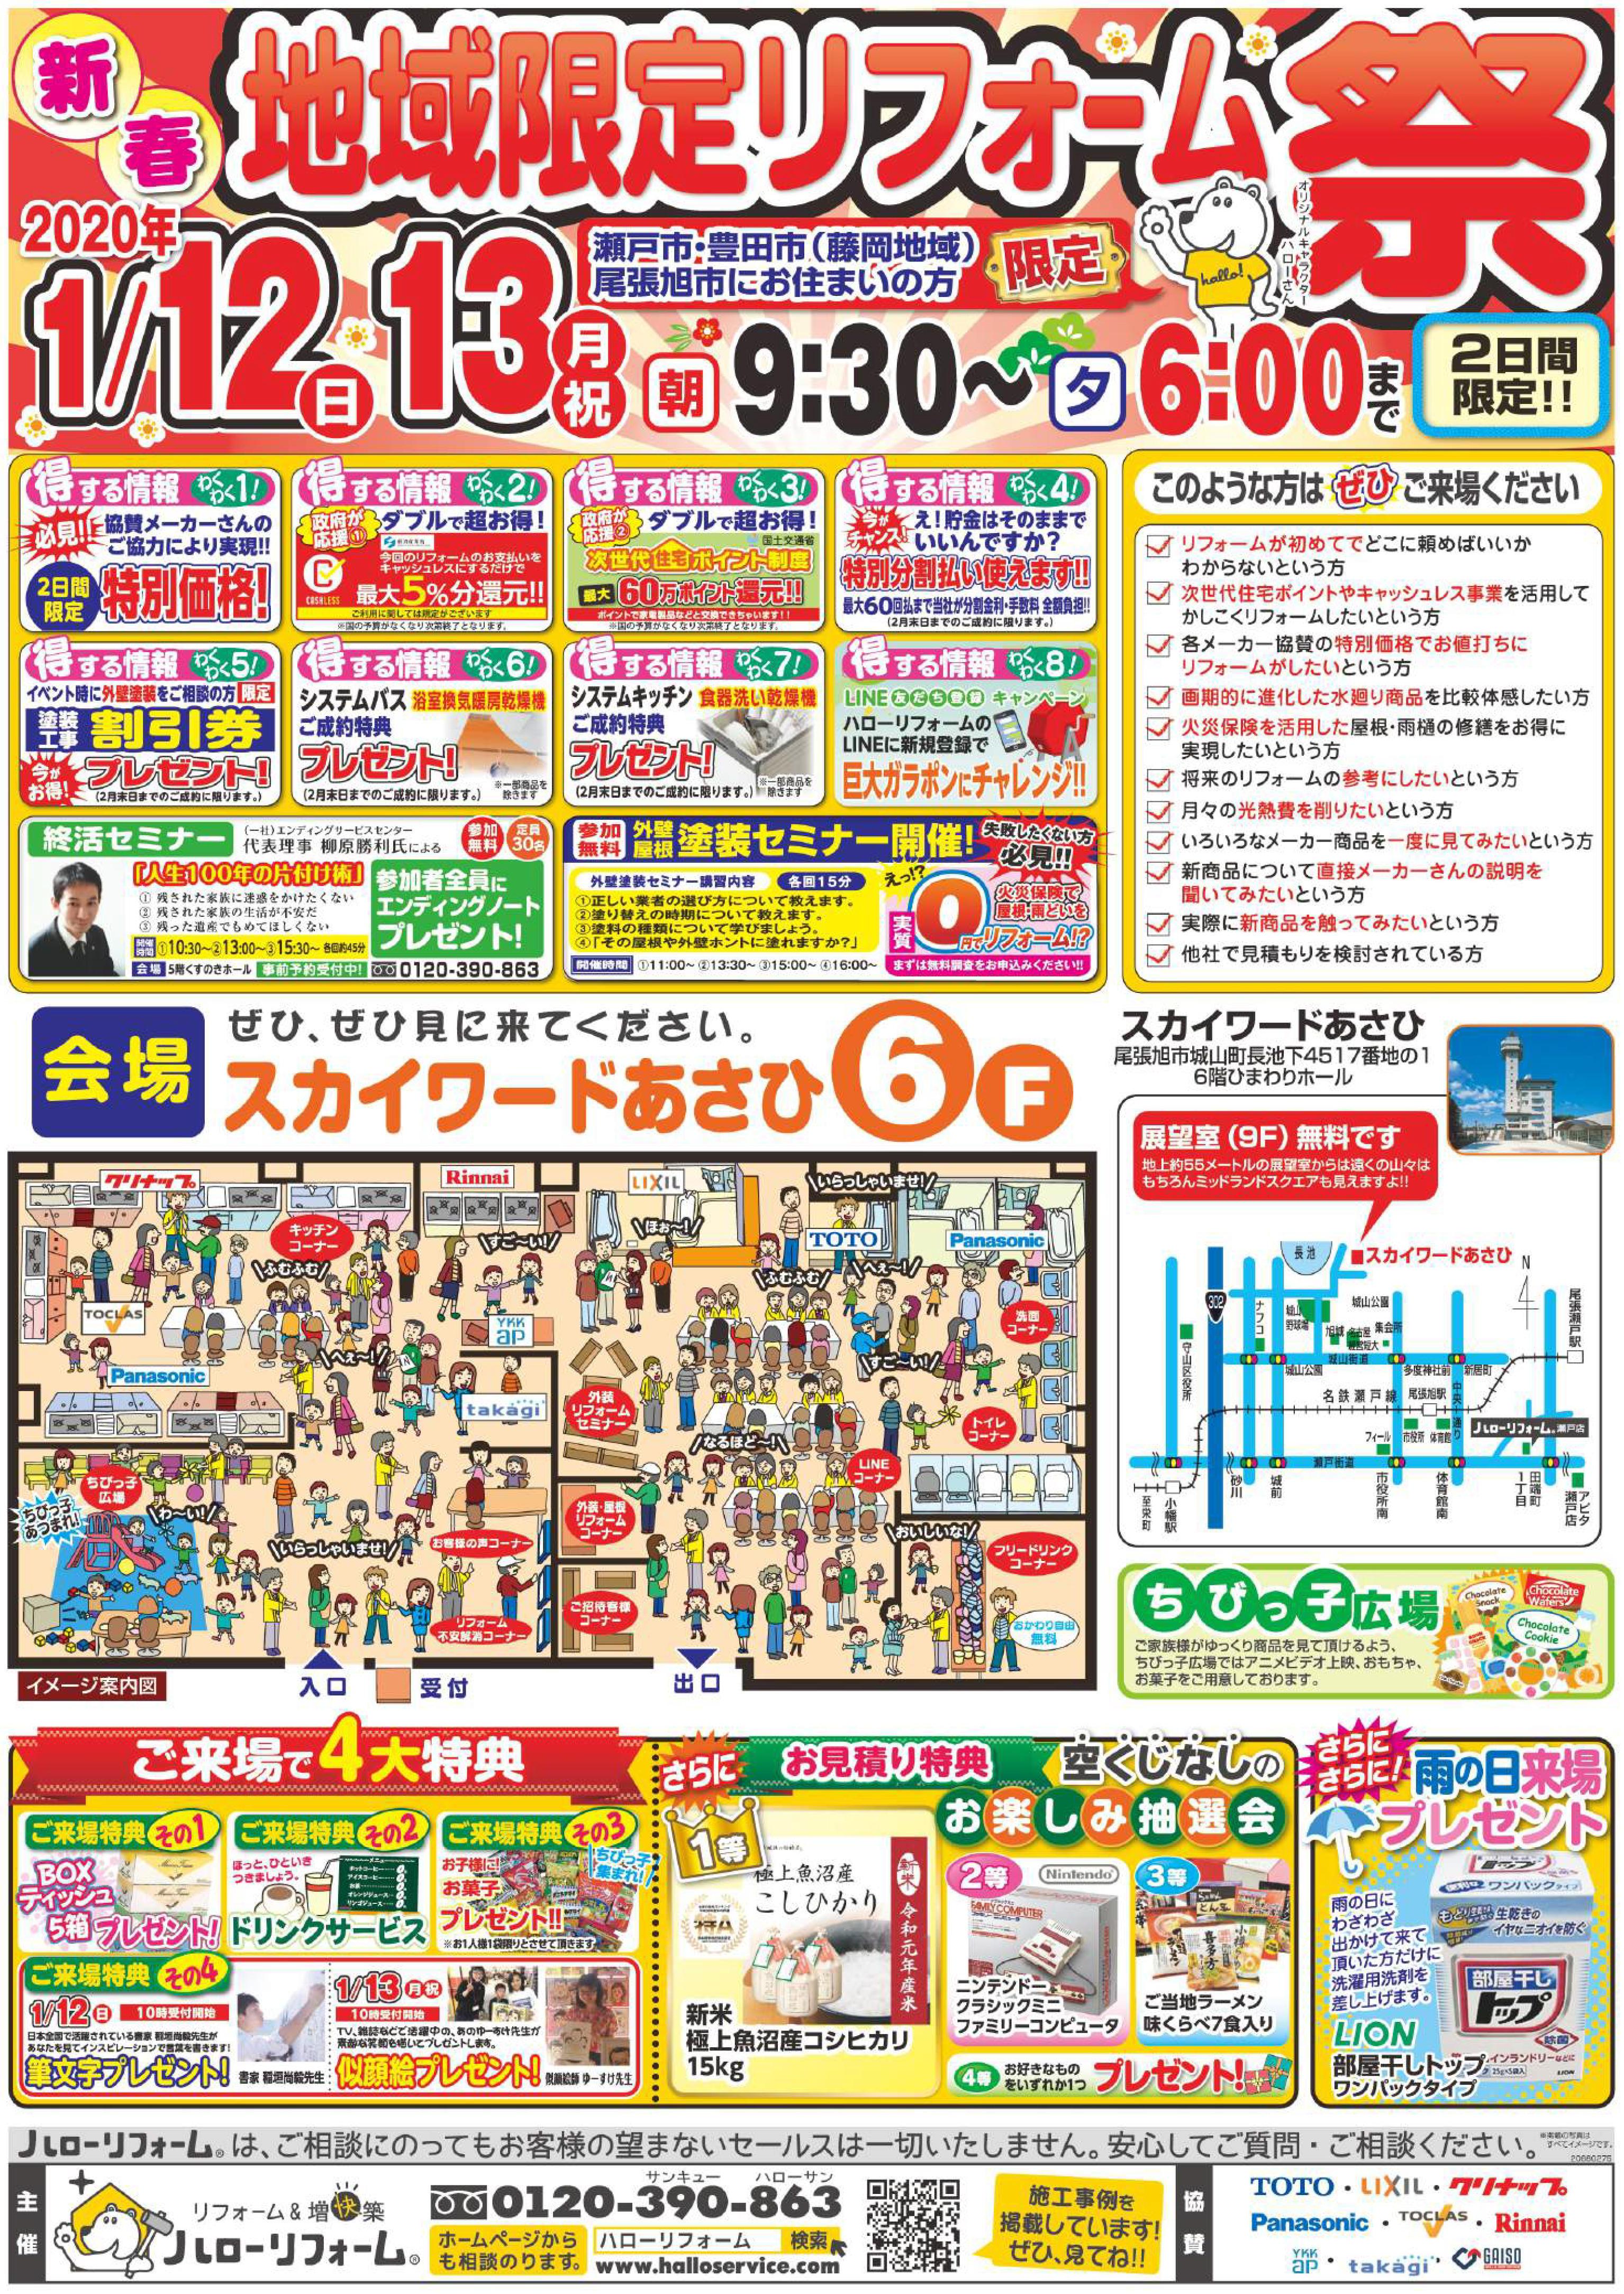 地域限定リフォーム祭(瀬戸店主催)